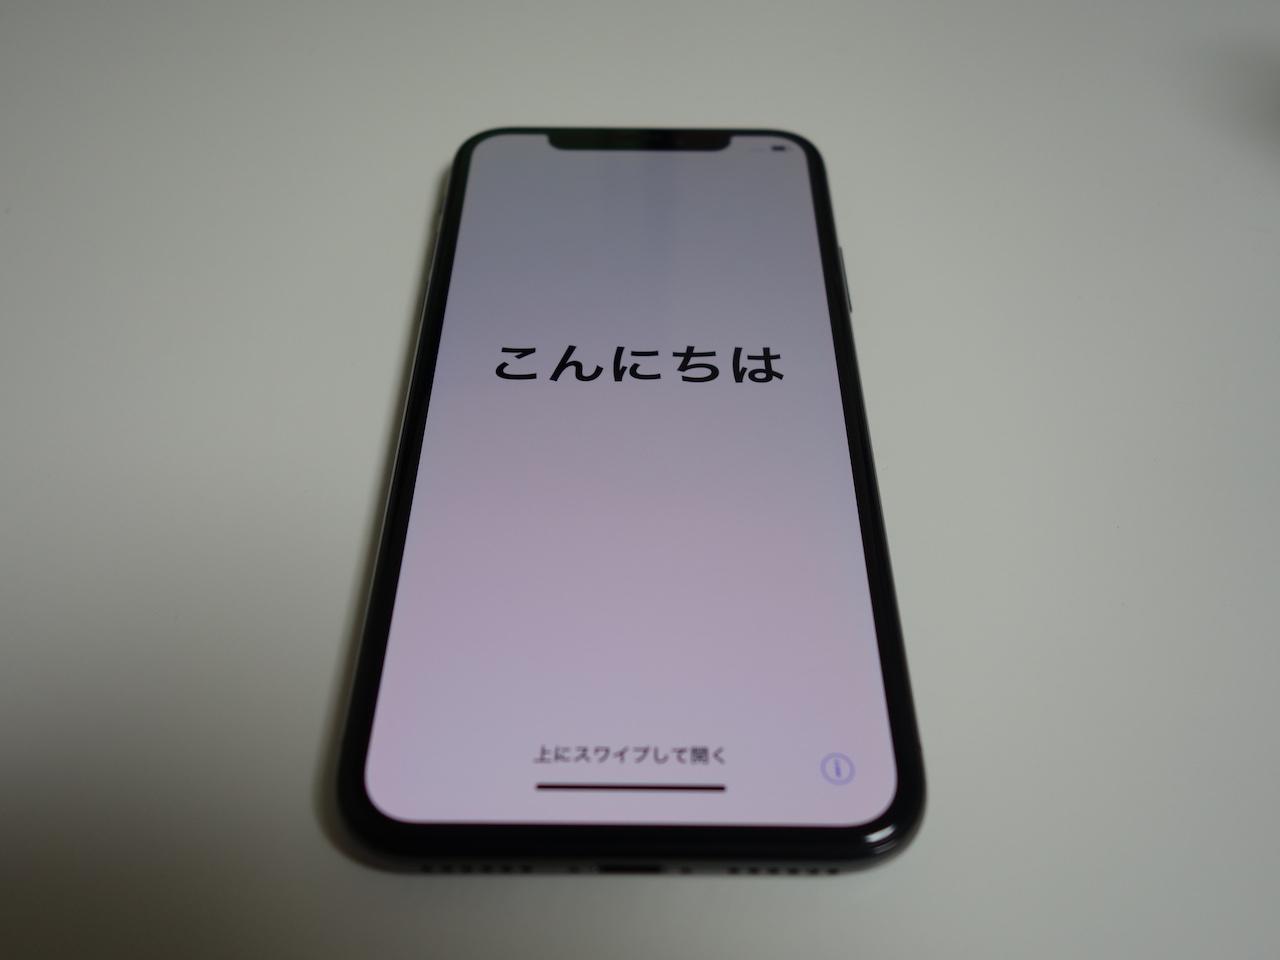 機種変更でiPhoneXがバックアップから復元できない!いきなり文鎮?これ見てちょ!